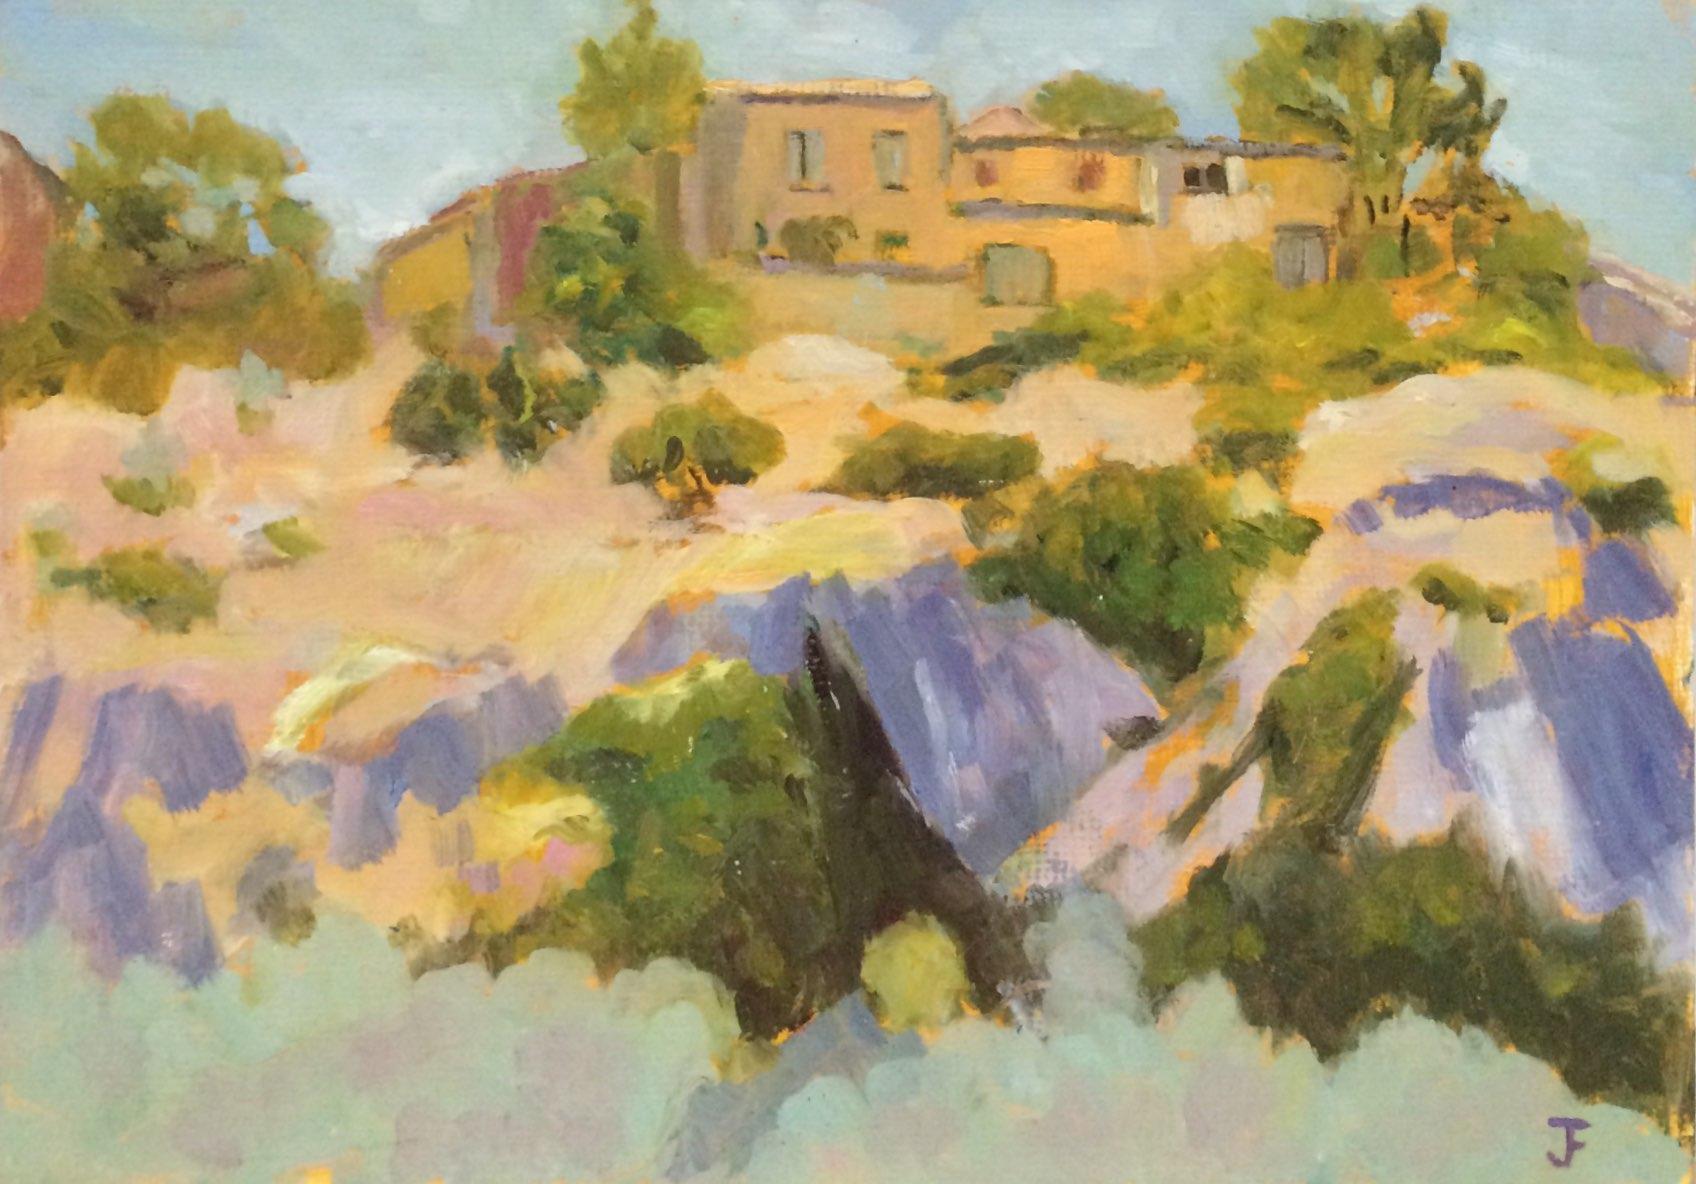 Oppedette hillside village oil 42x30